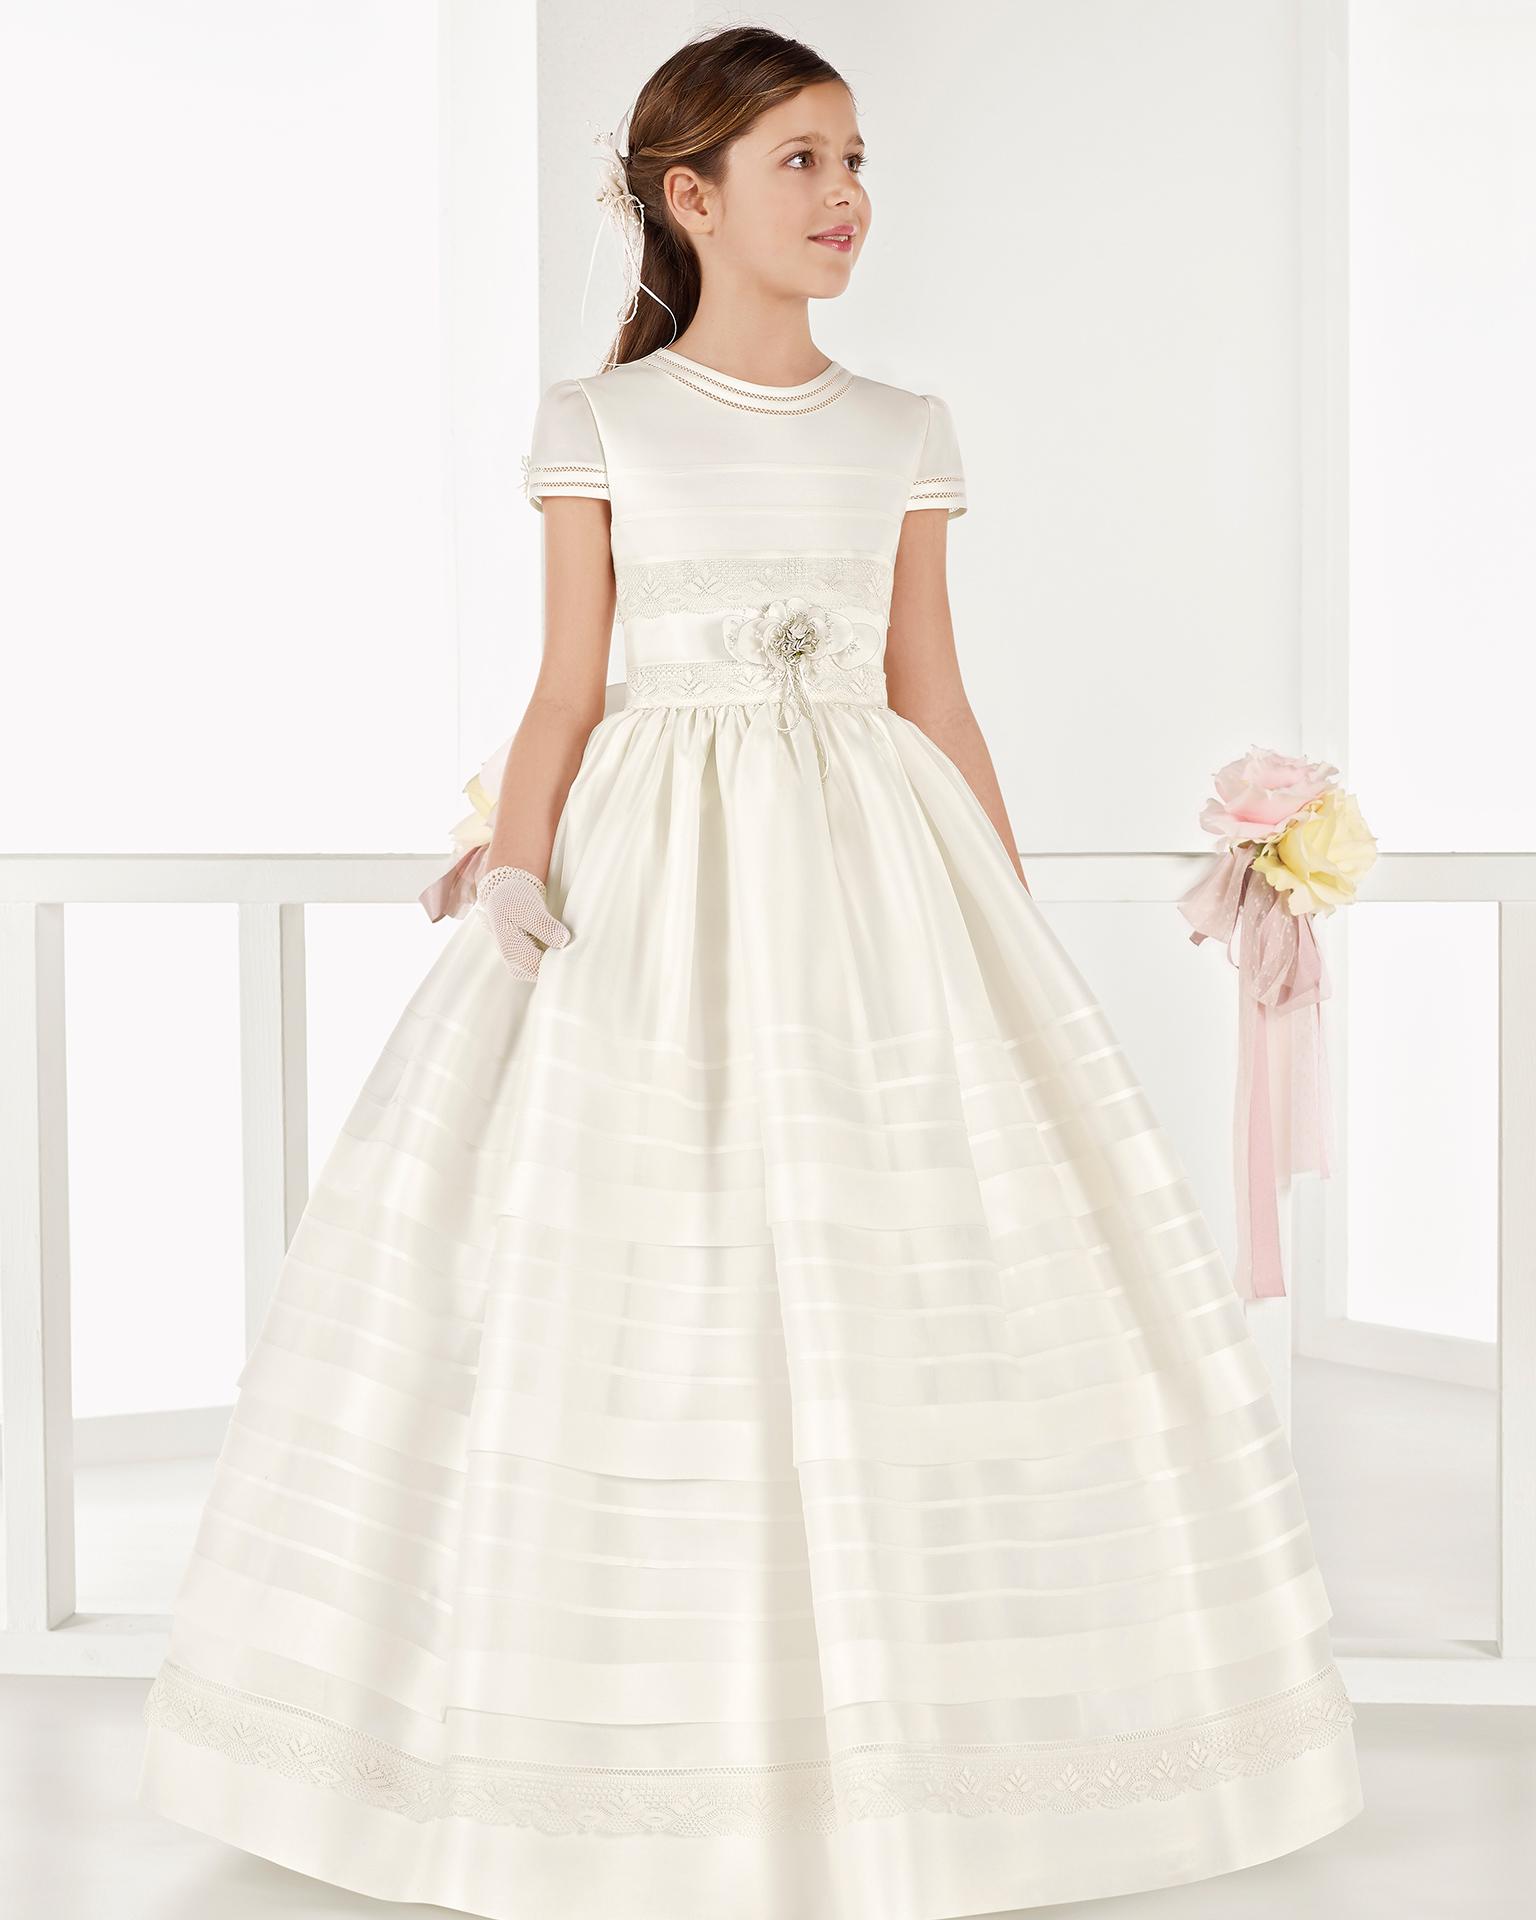 象牙色经典款意大利加扎尔初次圣礼裙,采用中腰和细褶设计。 AIRE COMUNION 新品系列 2018.